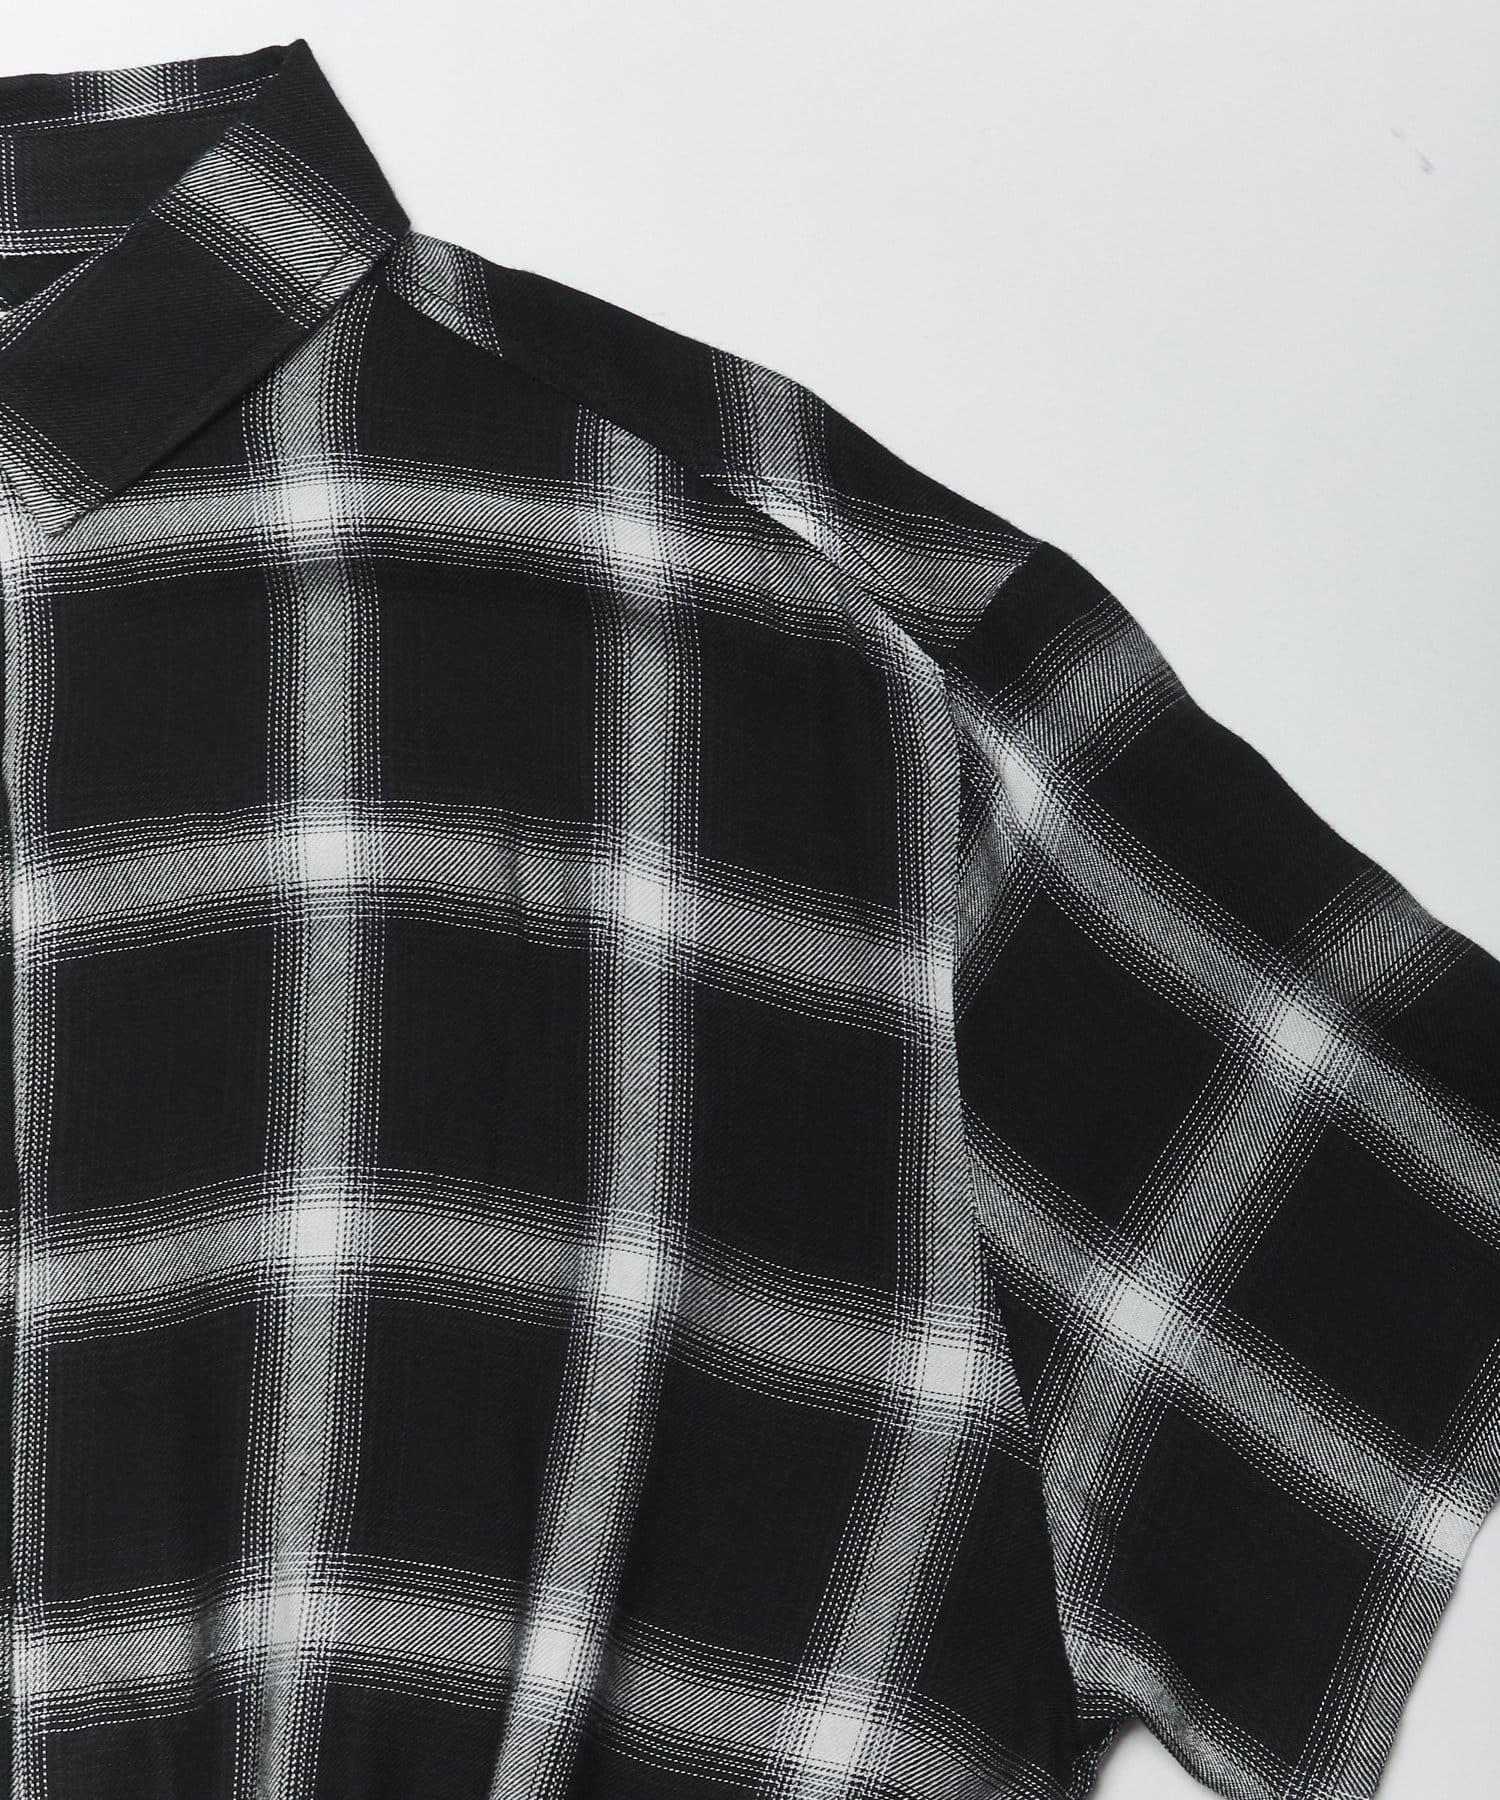 WHO'S WHO gallery(フーズフーギャラリー) ダメージ半袖ショートシャツ